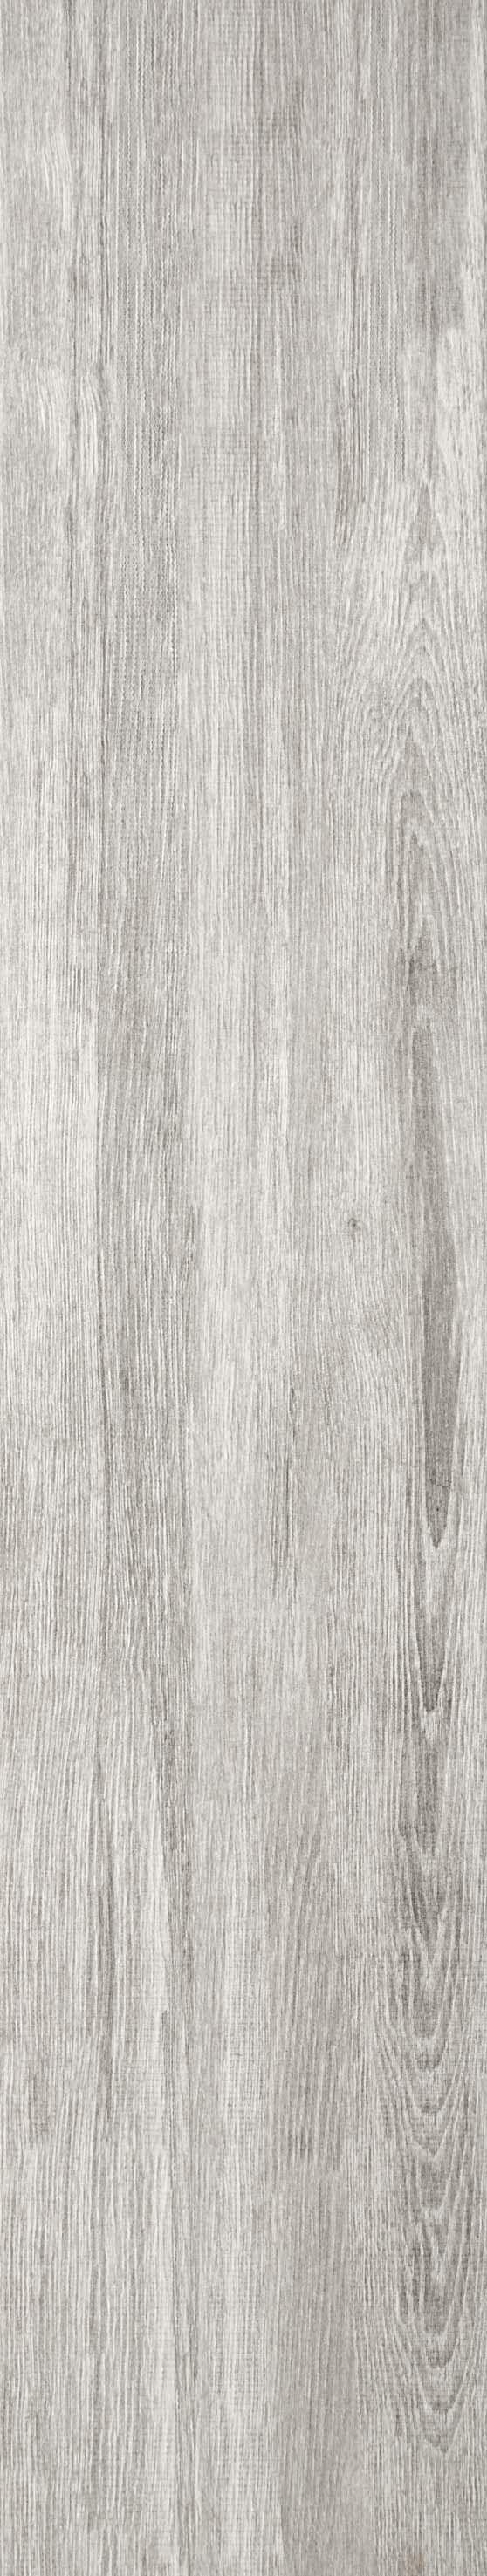 Ronne gris